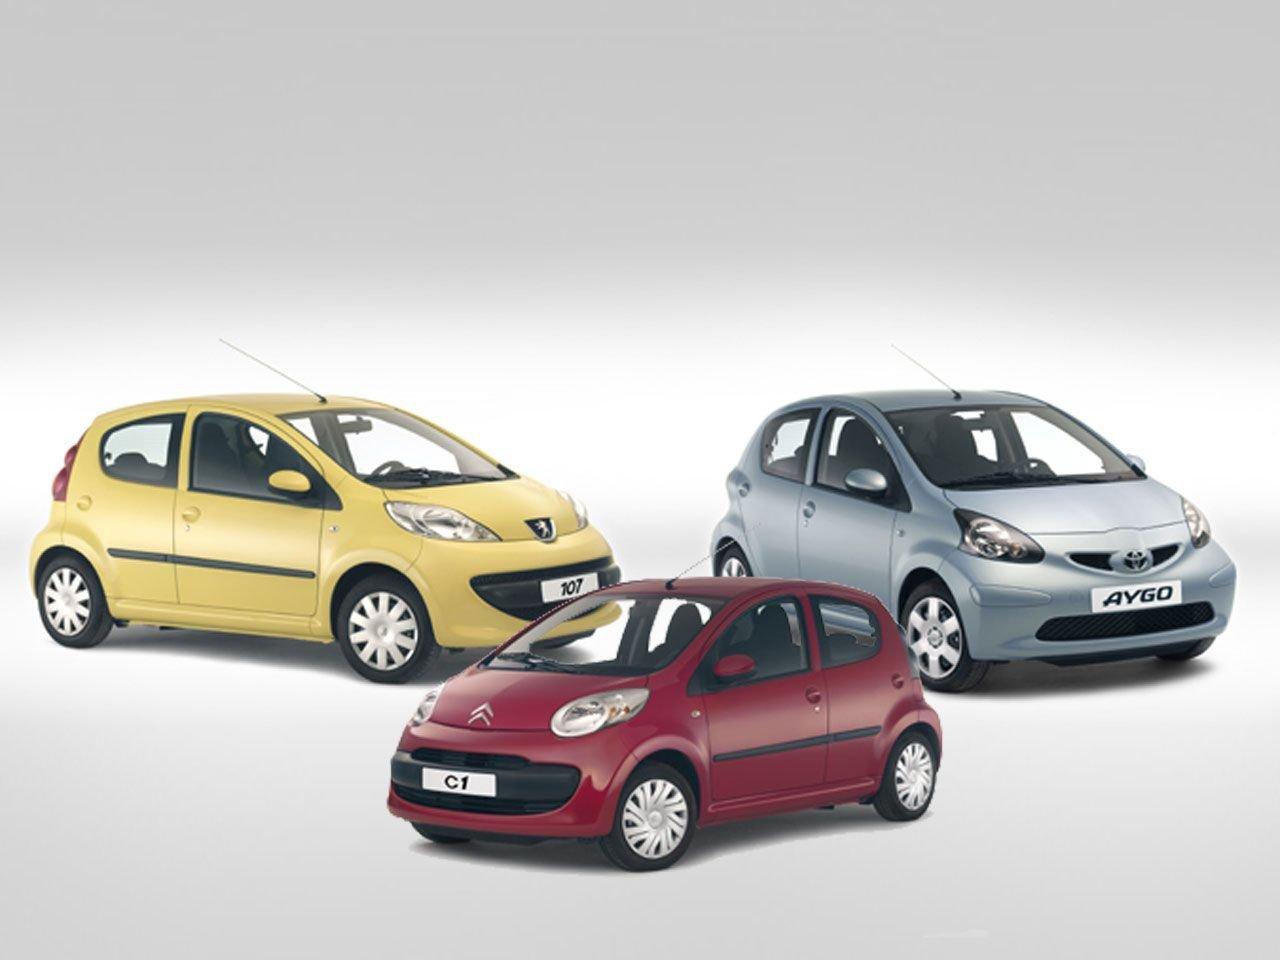 Le principe des private labels illustré en une image. Pour ceux qui l'ignorent ces 3 voitures ne sont en réalité qu'un seul et même modèle déguisé sous différents badges. (Source : Motor1)